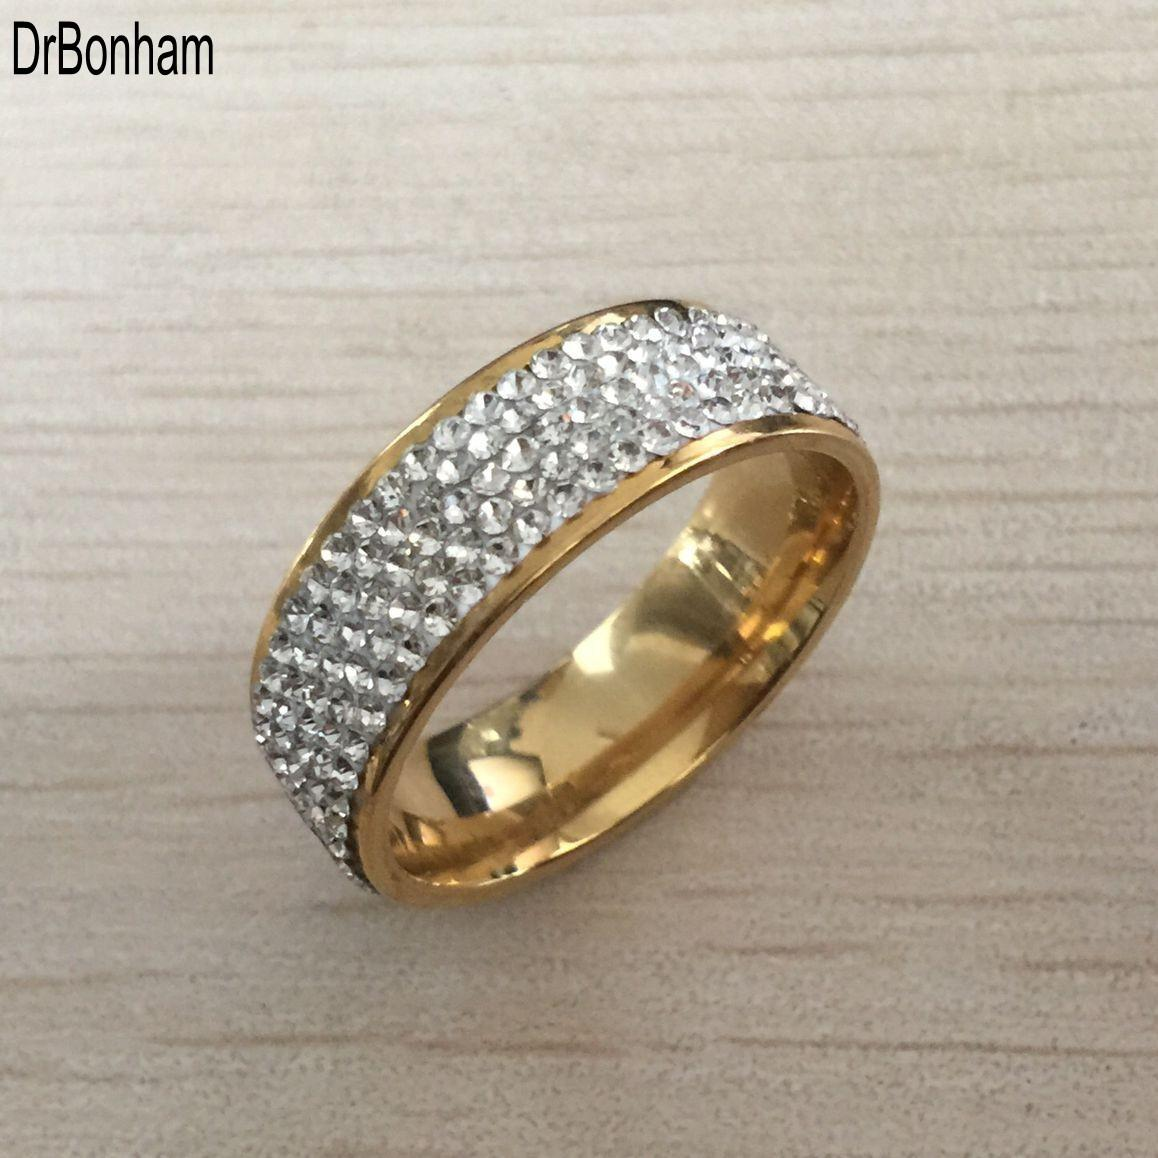 diamante blanco anillo de bodas de compromiso cristalino 2020Deluxe acero inoxidable 316L ORO 18K anillo para las mujeres de las muchachas de los amantes al por mayor de envío libre